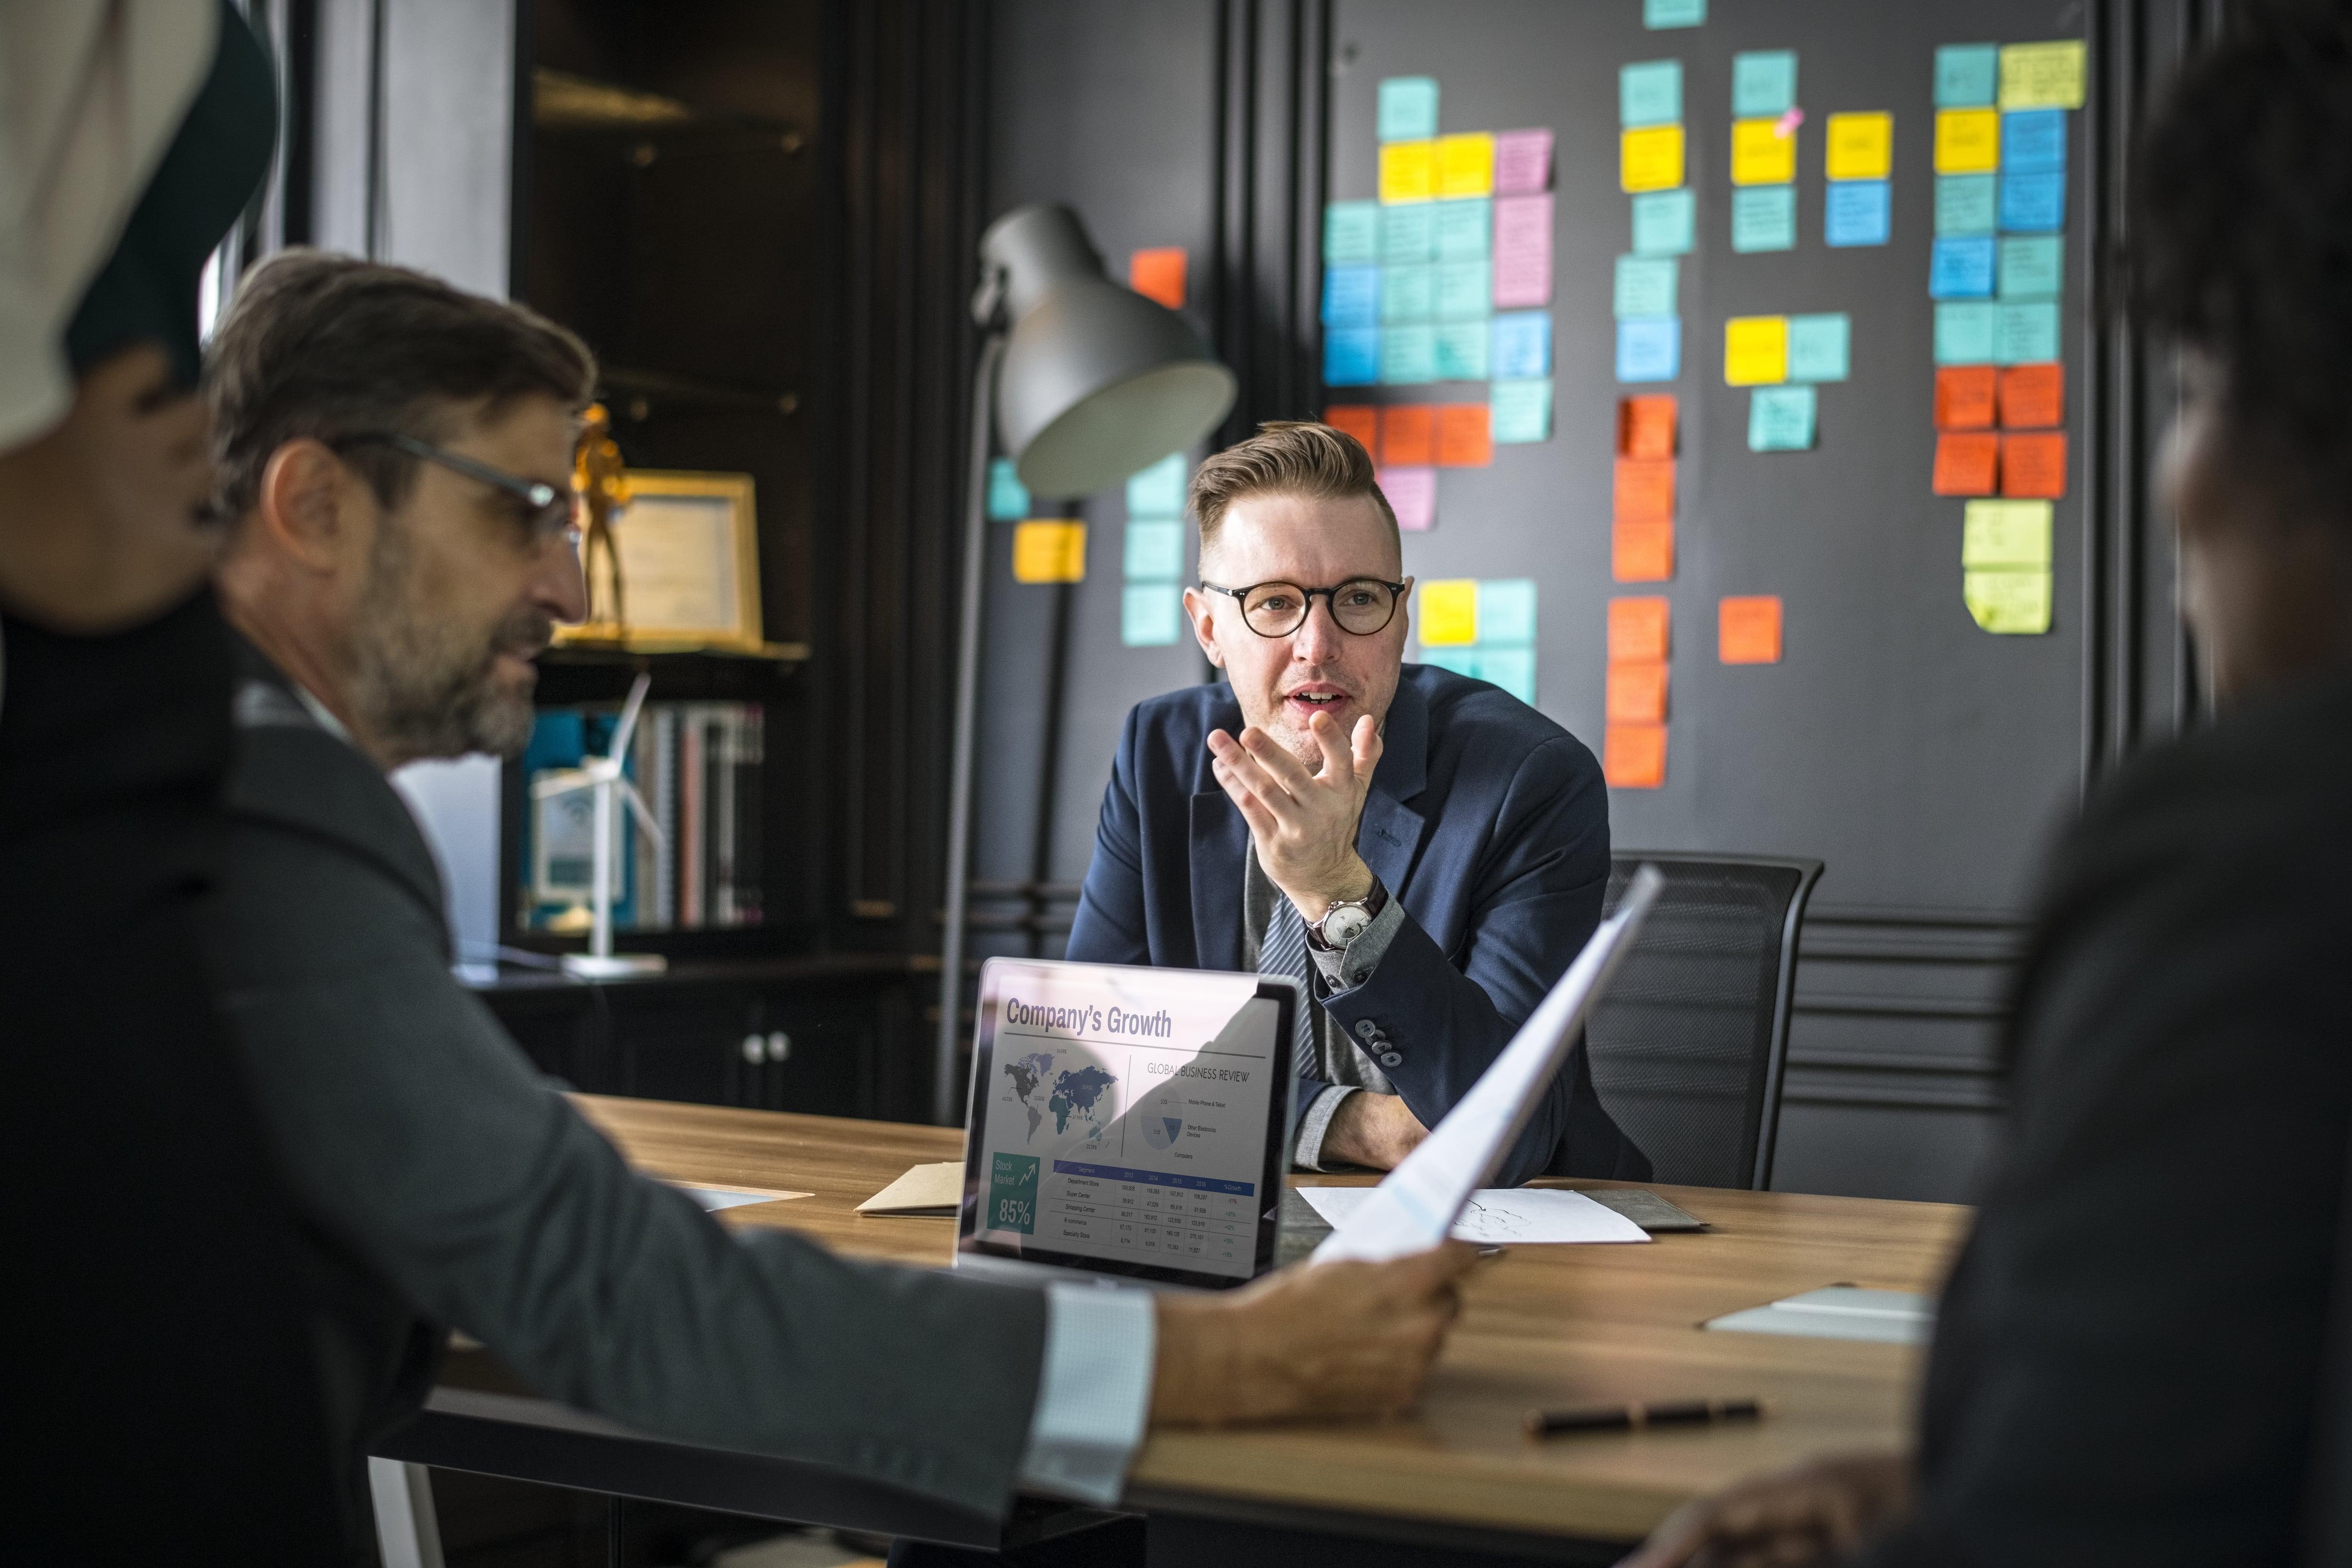 Análise SWOT: O que é, e como fazer uma para sua empresa